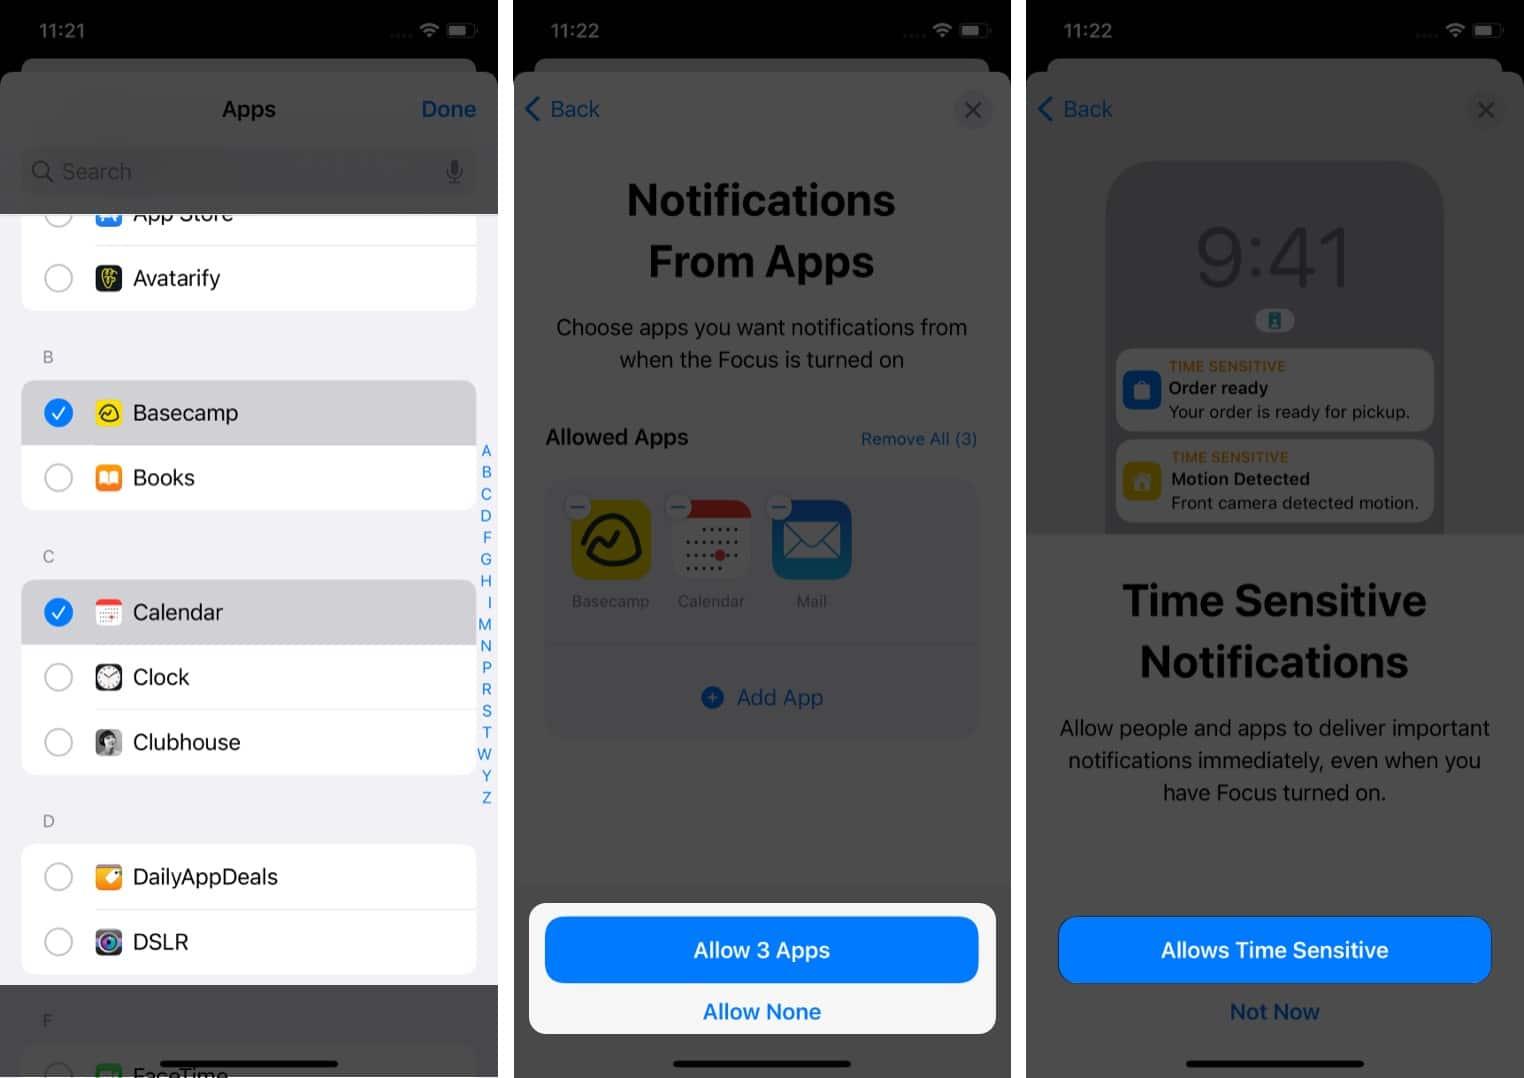 Wählen Sie Apps aus, um Benachrichtigungen im Fokusmodus zuzulassen